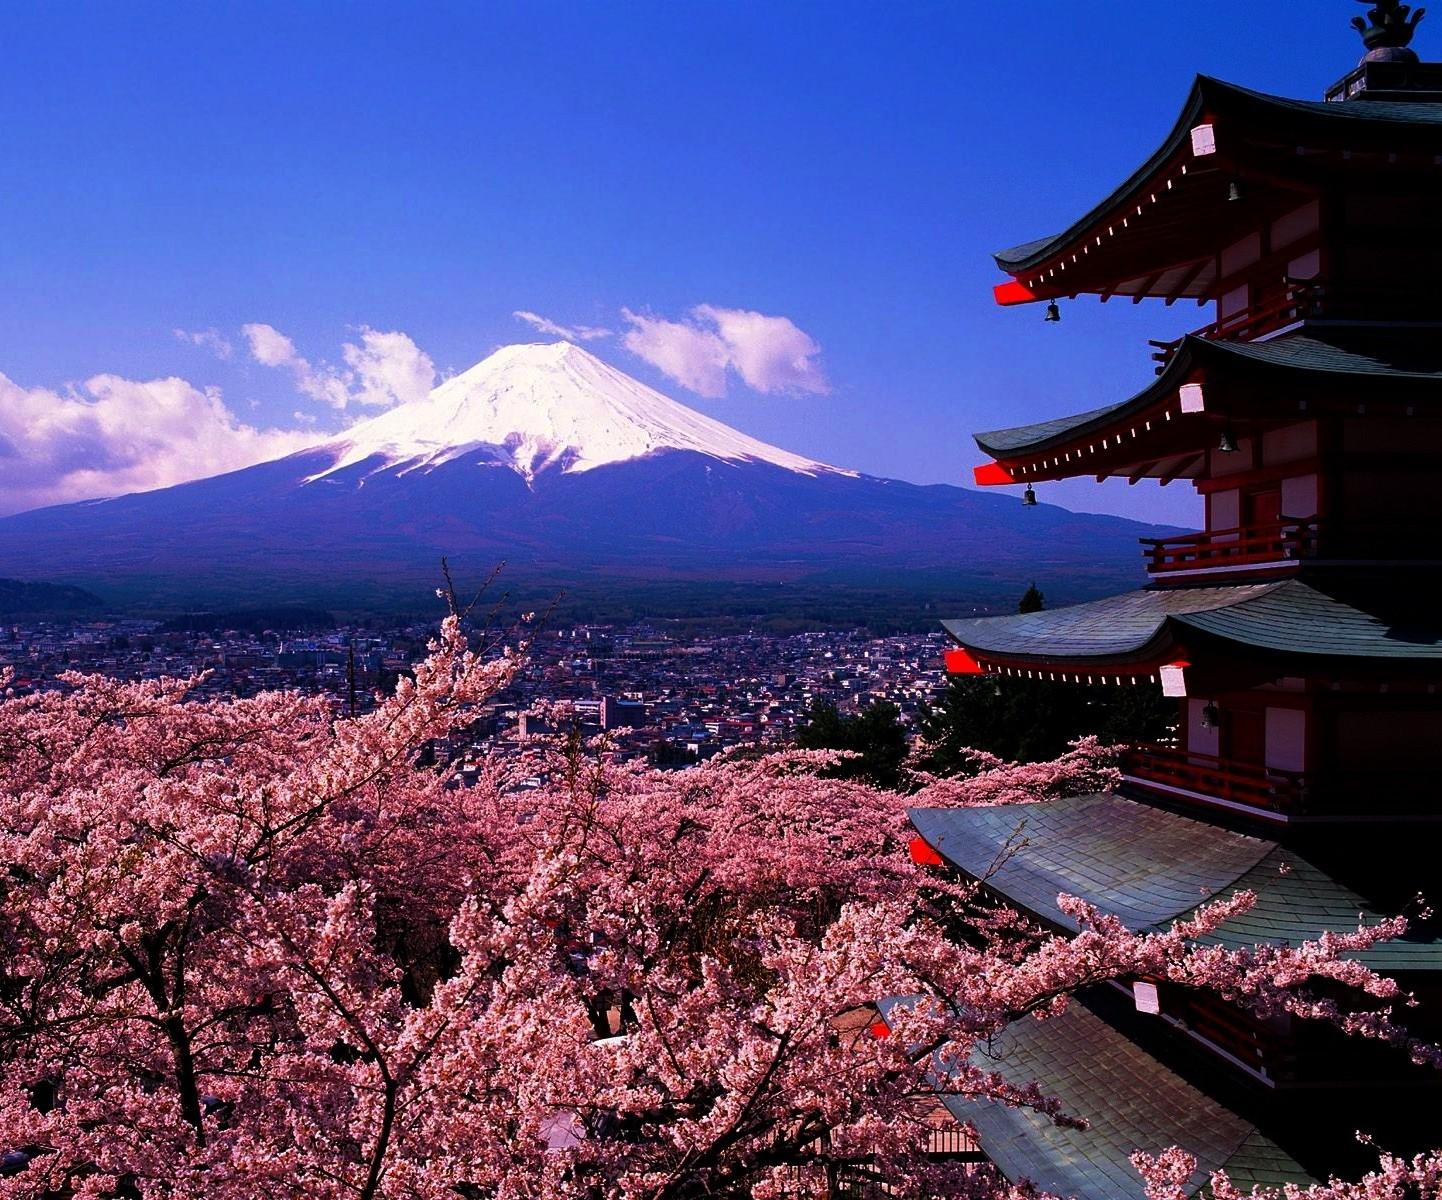 Flüge: Japan ( Sept - Mai ) Hin- und Rückflug mit ANA und Lufthansa von Luxemburg zu vielen Zielen in Japan ab 464€ inkl. Gepäck